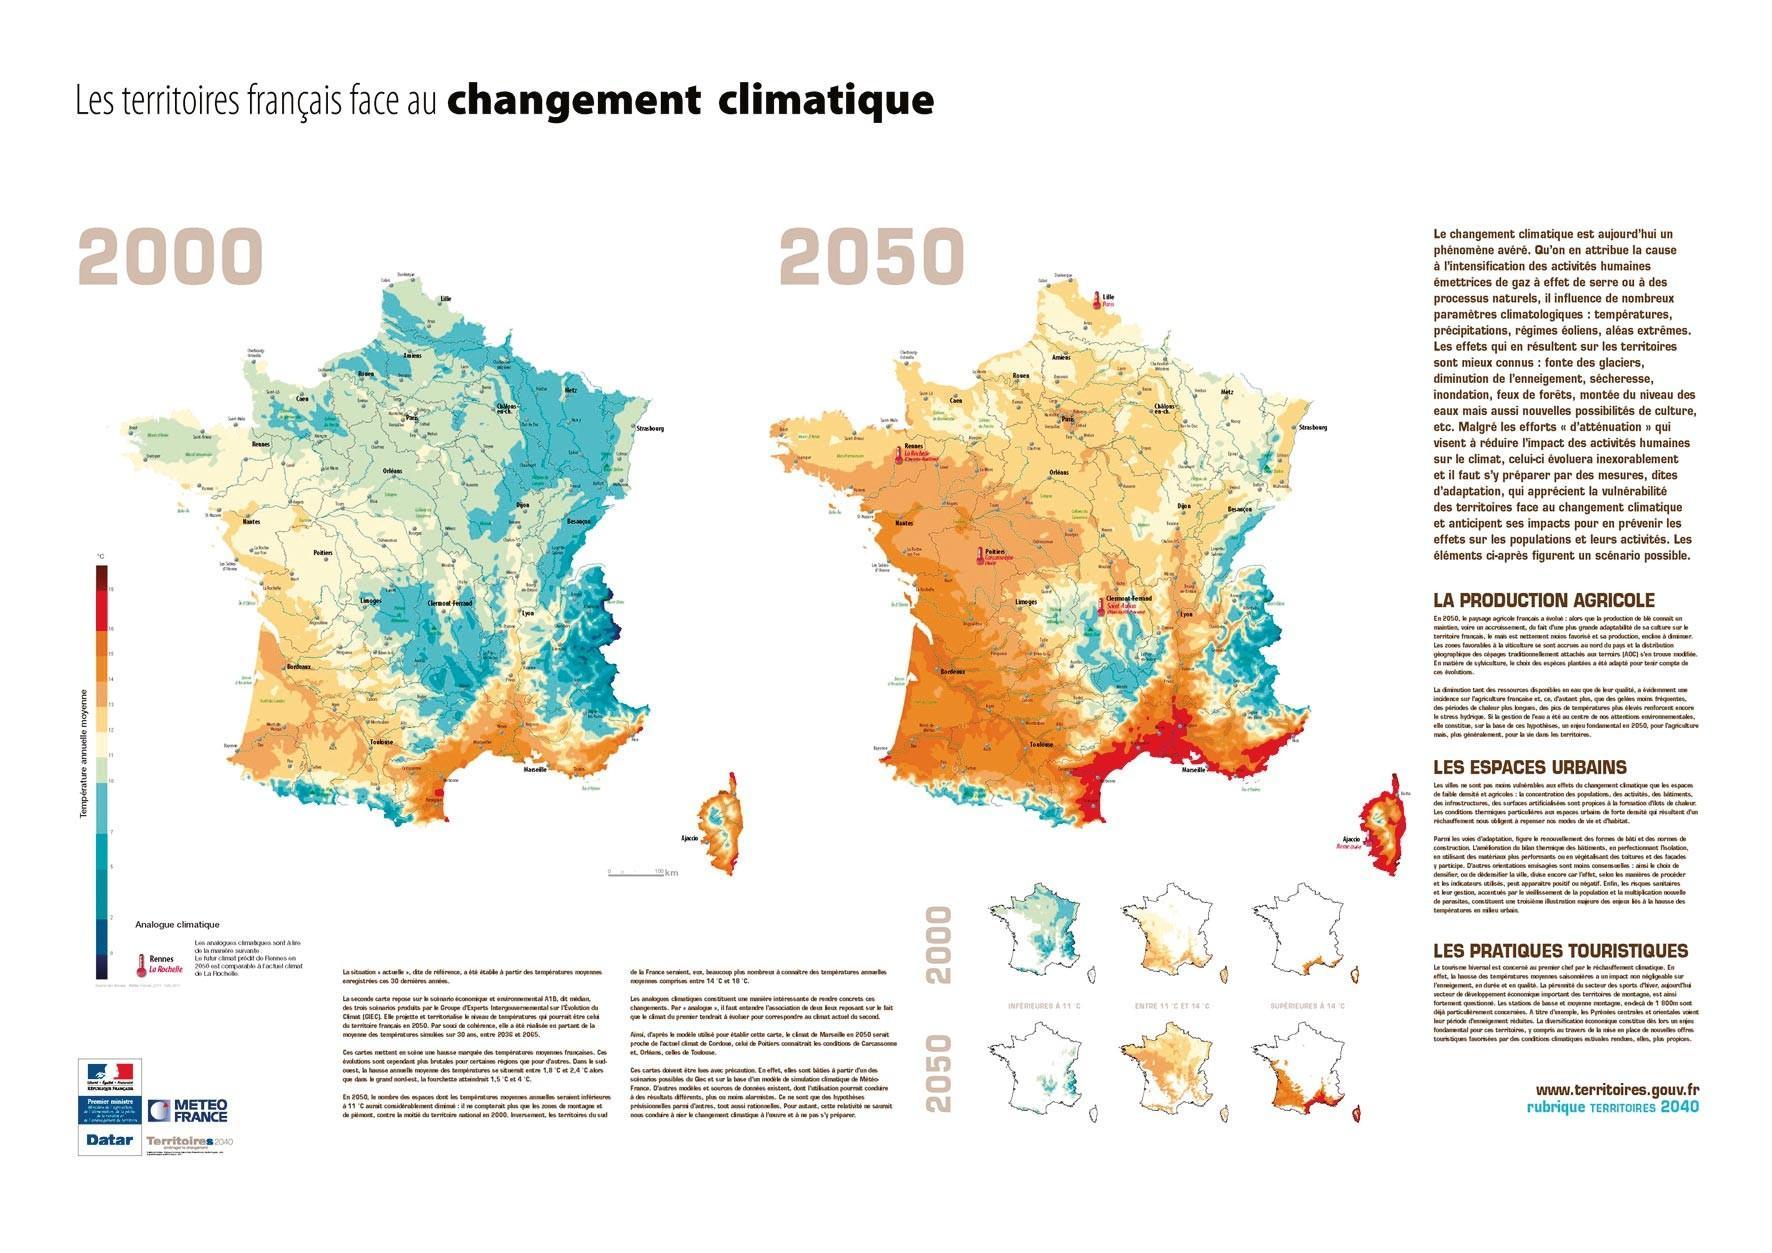 <stamp theme='his-green2'>Doc. 1</stamp> Le territoire français face au changement climatique